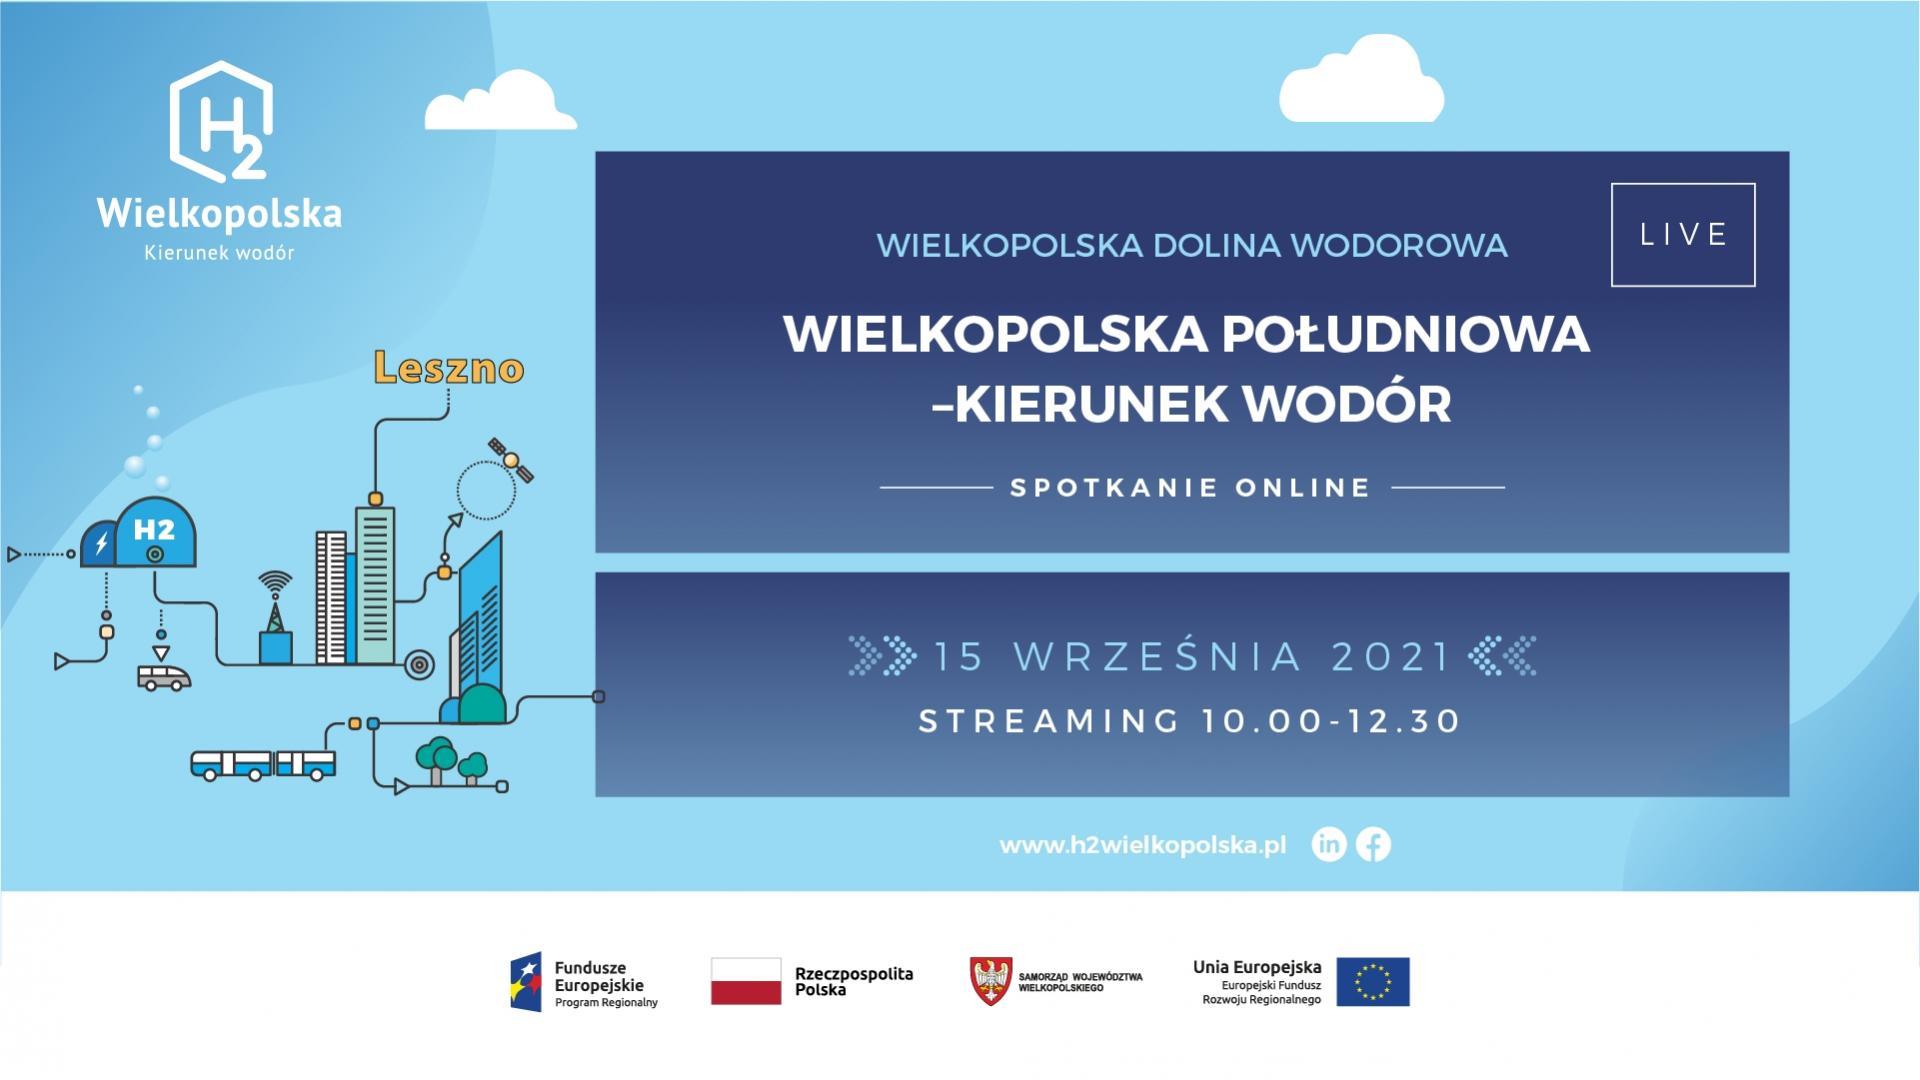 Fenomen Wielkopolskiej Doliny Wodorowej  – spotkanie on-line 15 września br. - zobacz więcej